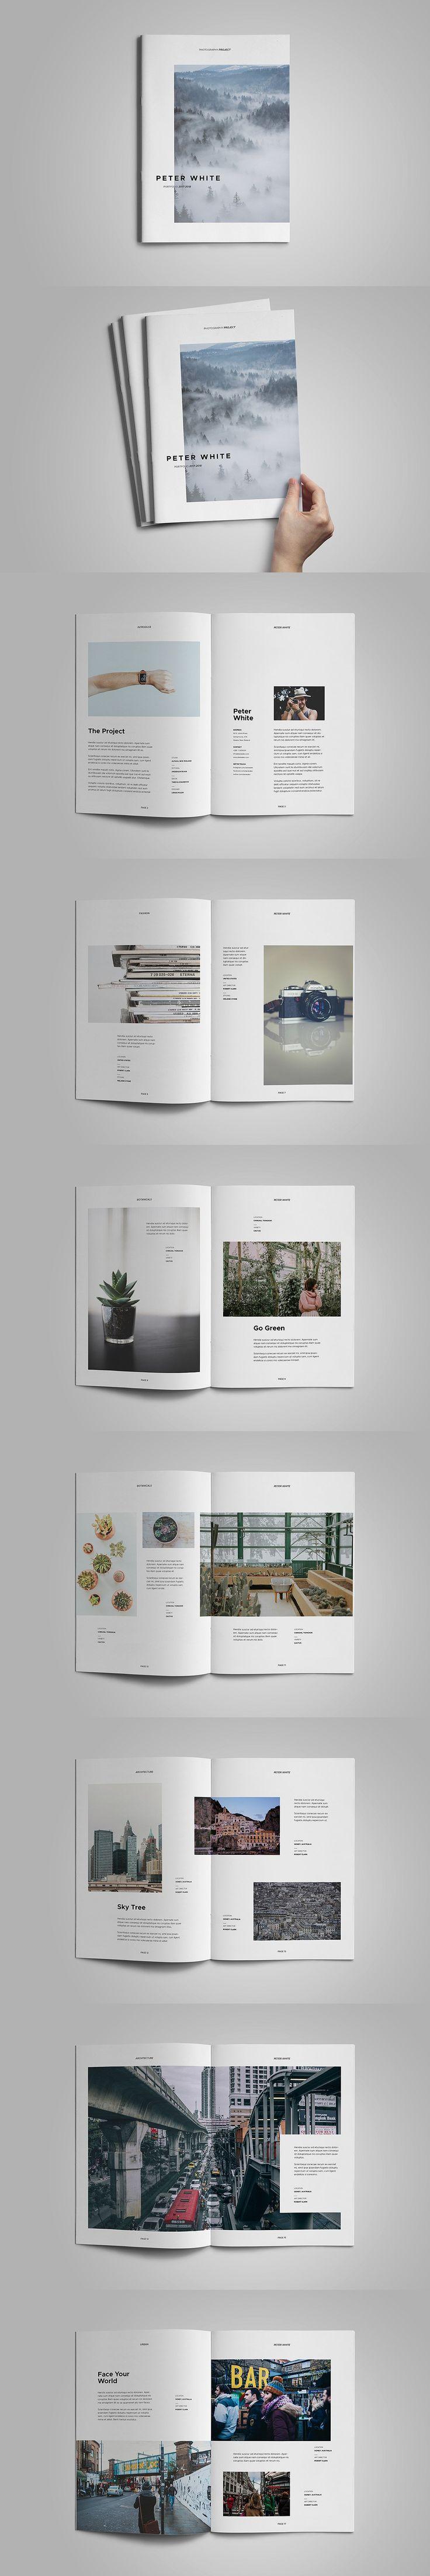 graphic design portfolio ideas pdf